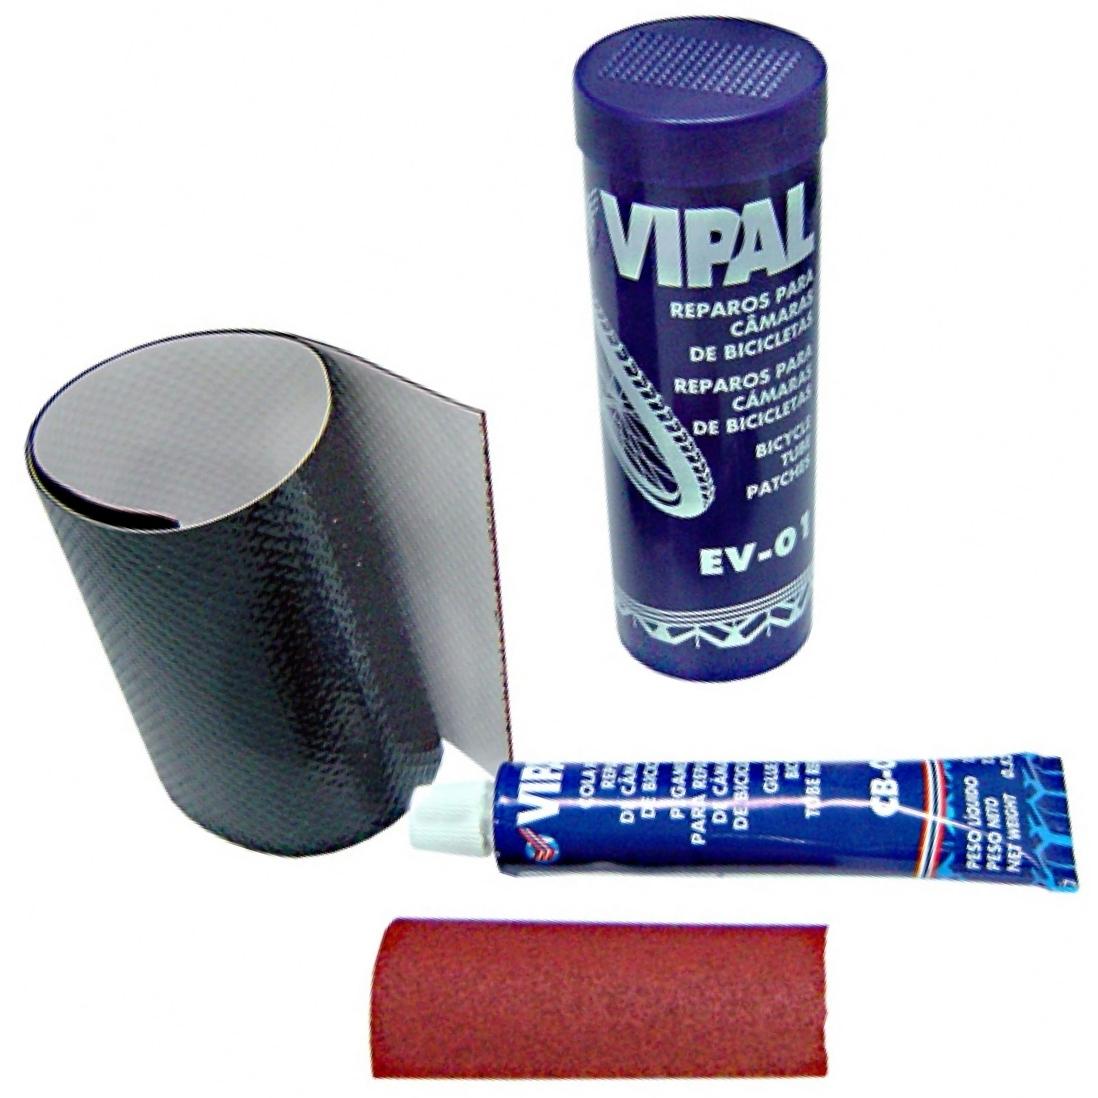 Reparos para pneus e câmaras de ar Vipal